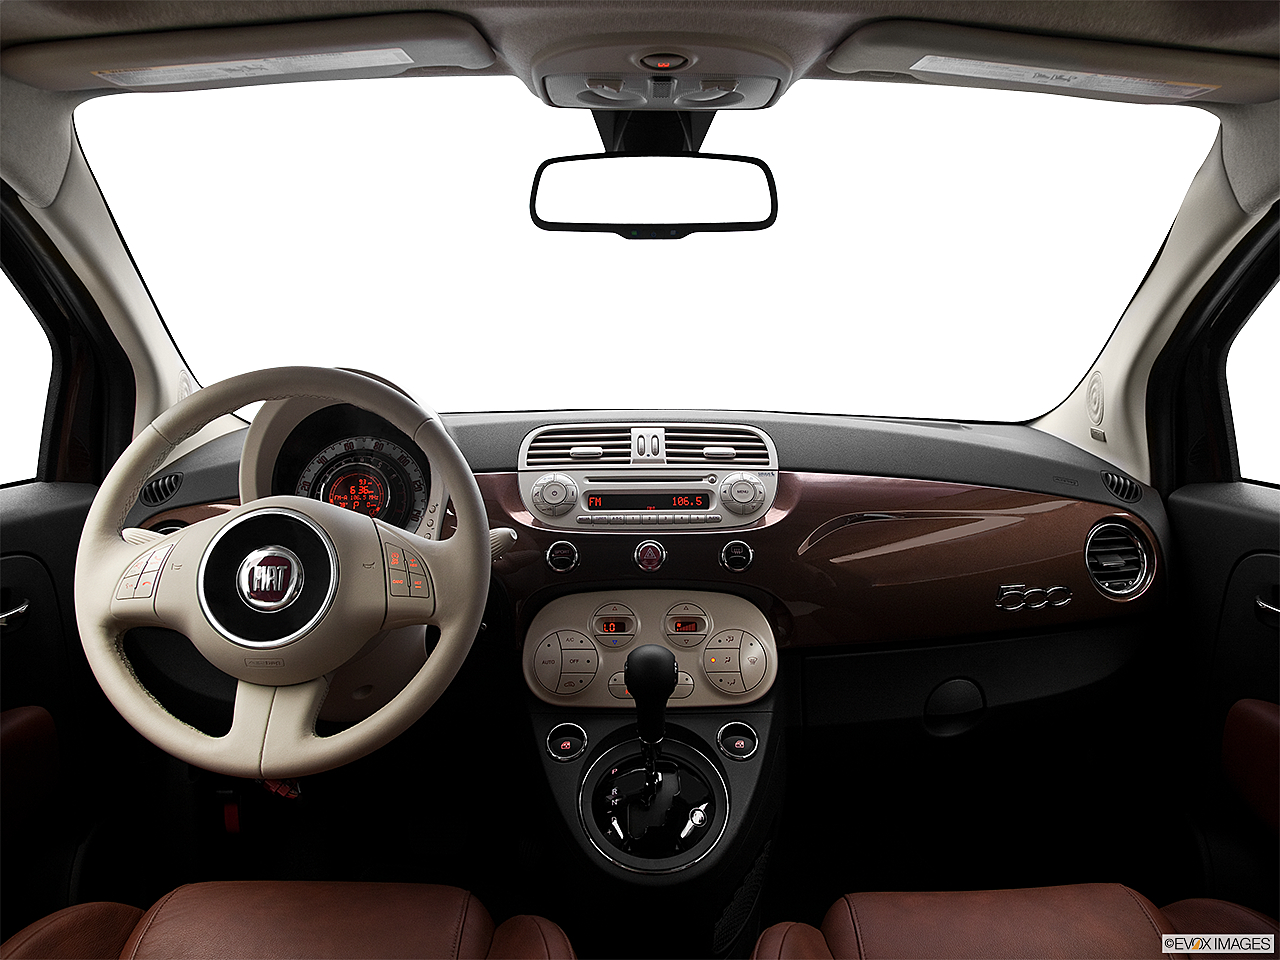 2012 fiat 500 gucci 2dr hatchback research groovecar. Black Bedroom Furniture Sets. Home Design Ideas